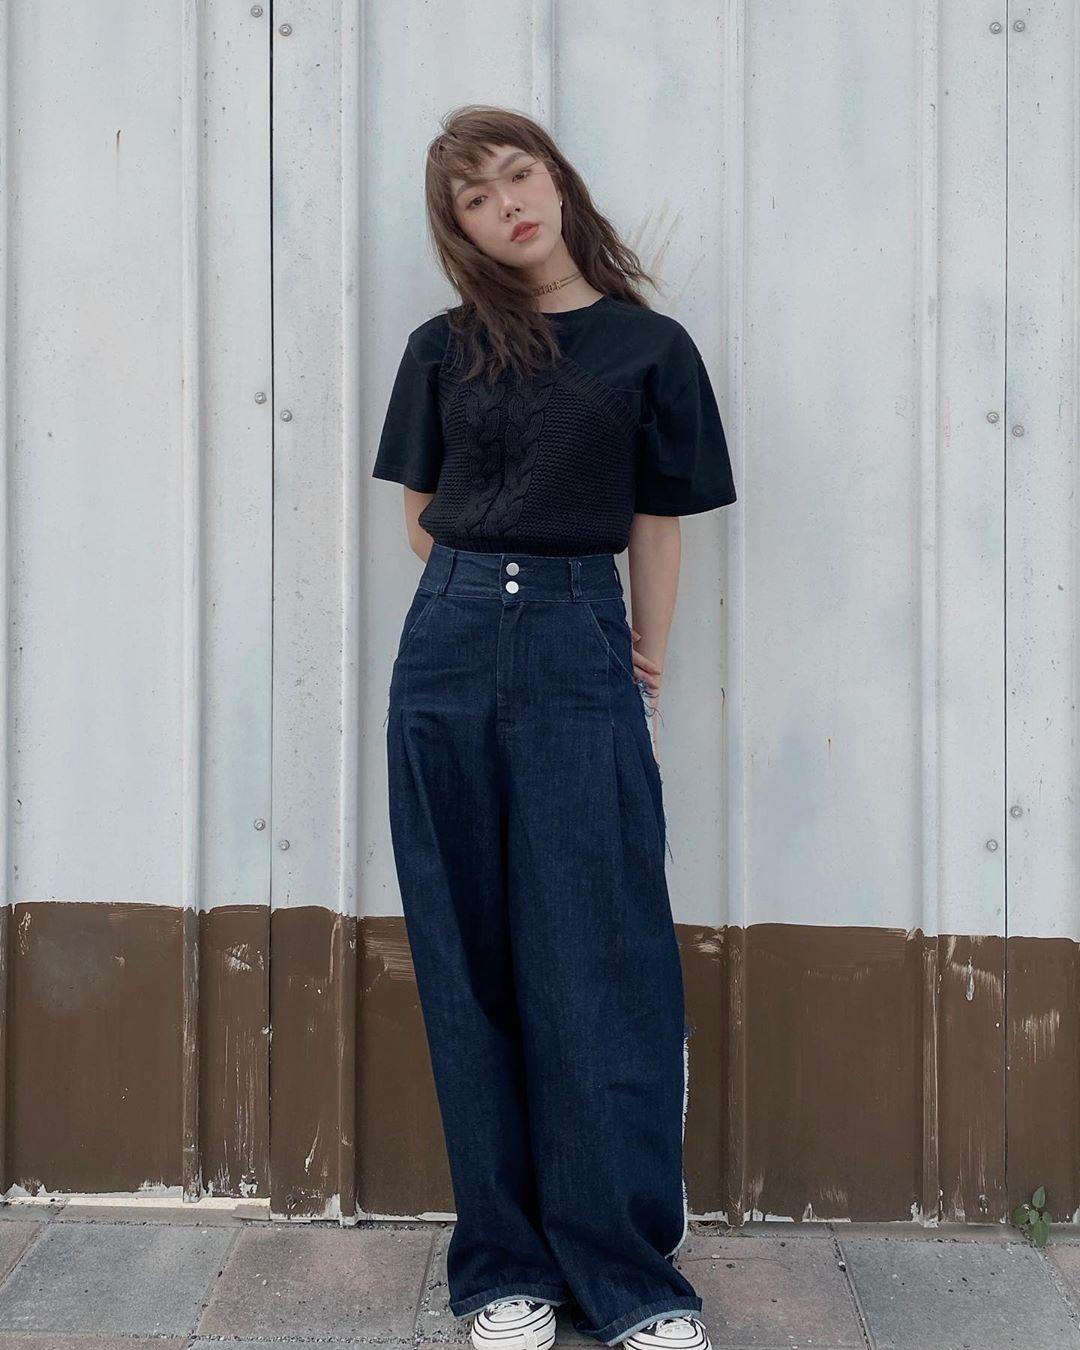 Quần jeans thụng và áo thun đen